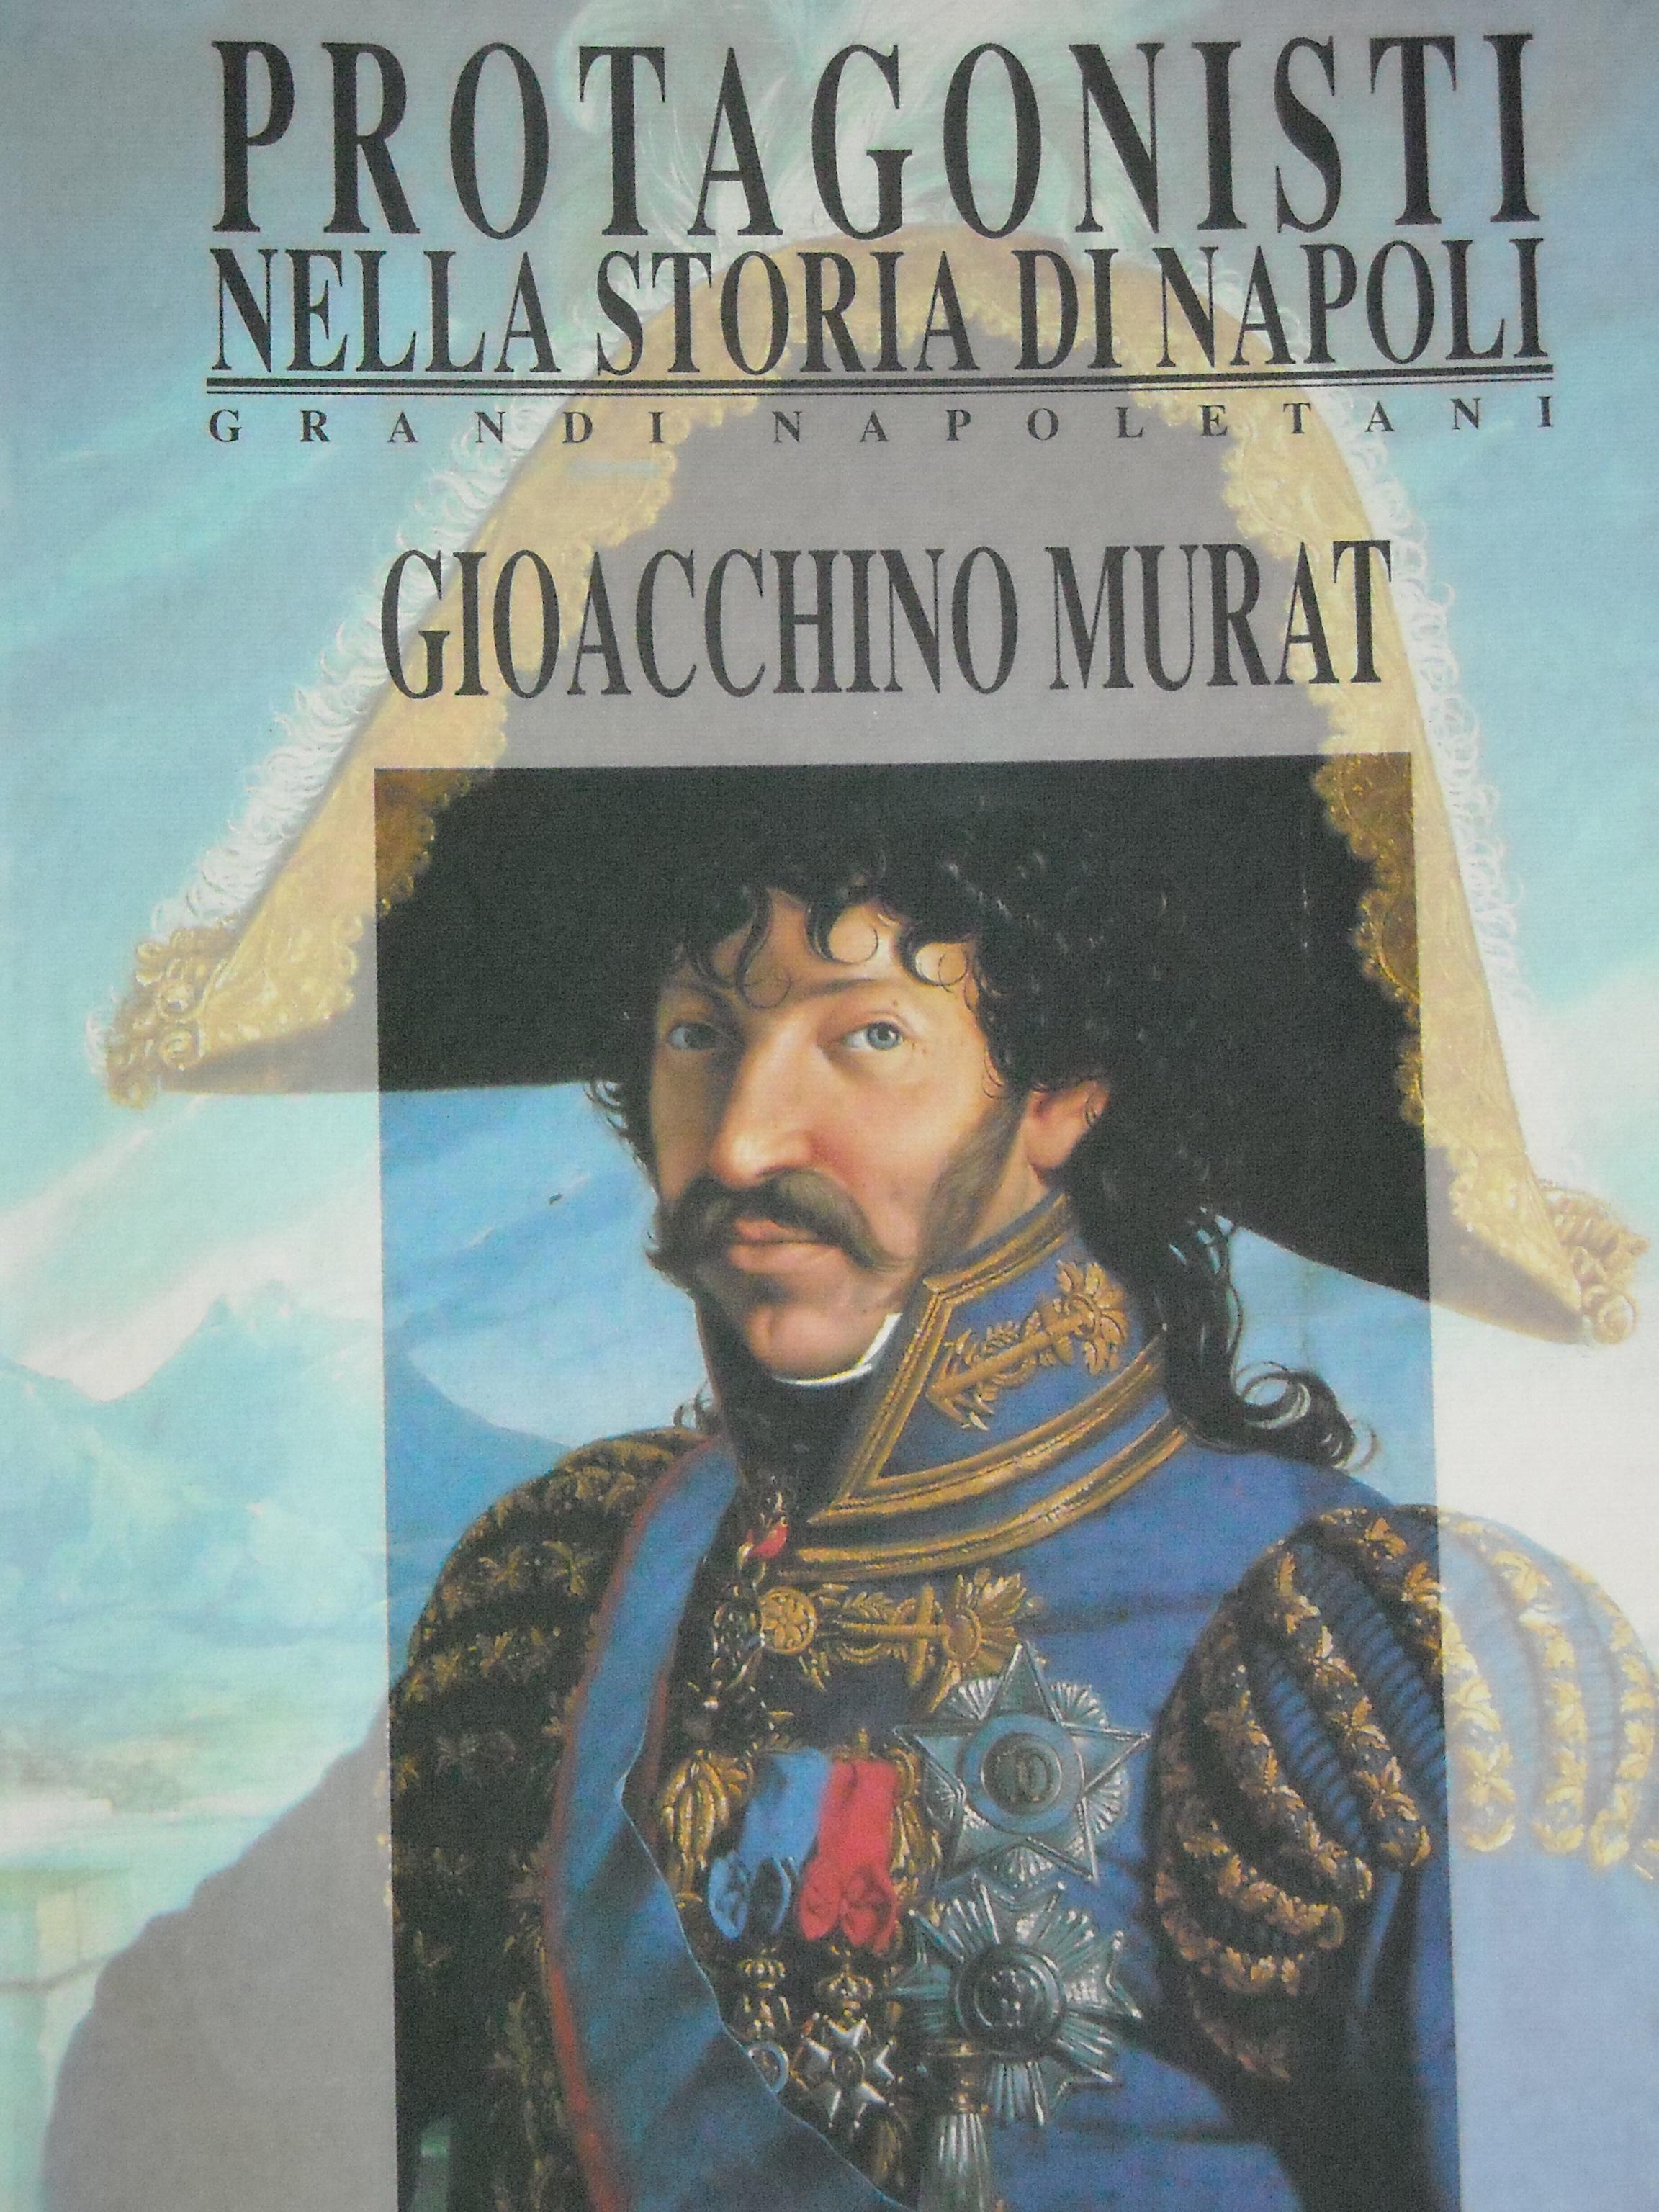 Gioacchino Murat